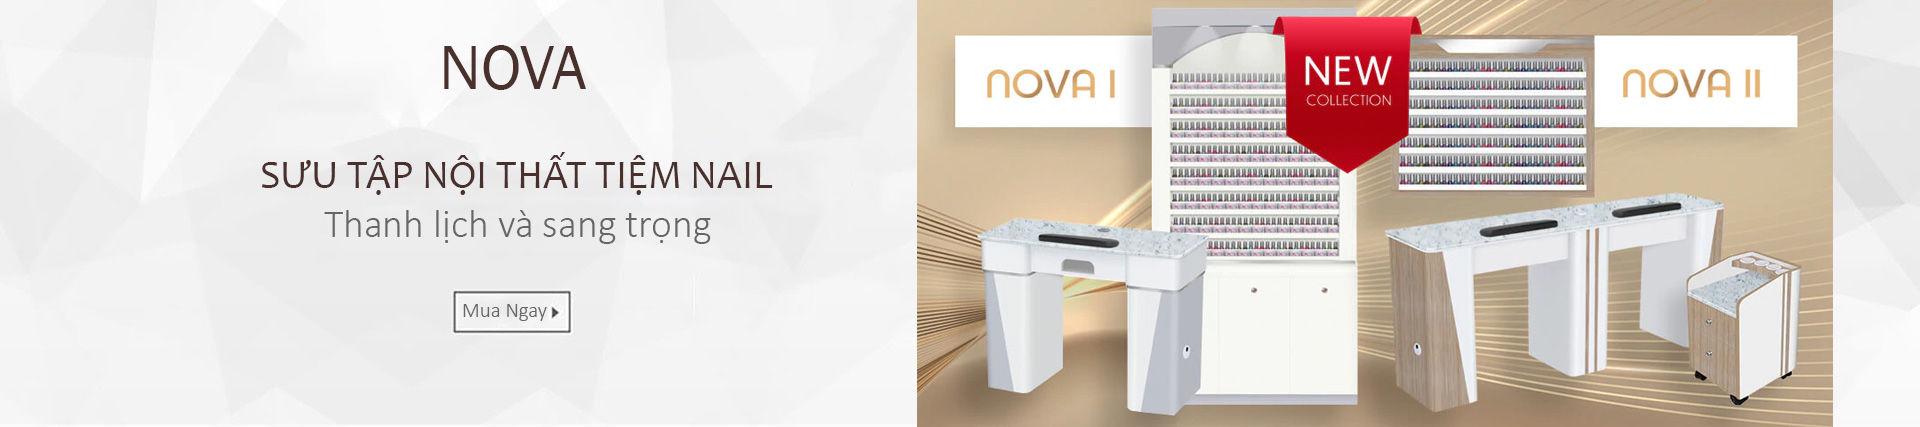 Bộ sưu tập nội thất tiệm nail Nova